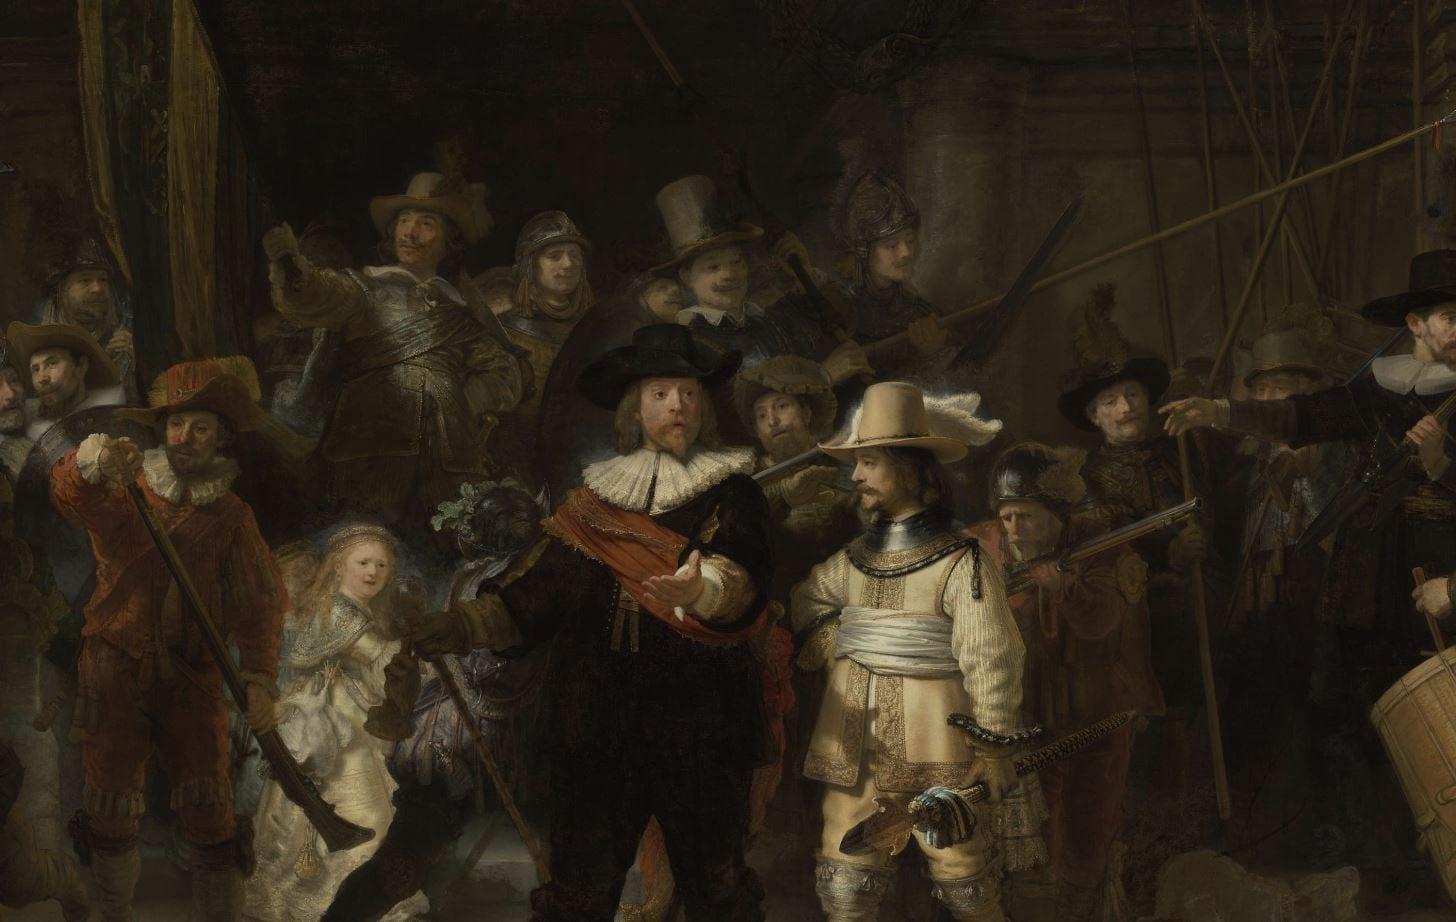 La Ronda di Notte di Rembrandt è stato riprodotto in 44.8 gigapixel